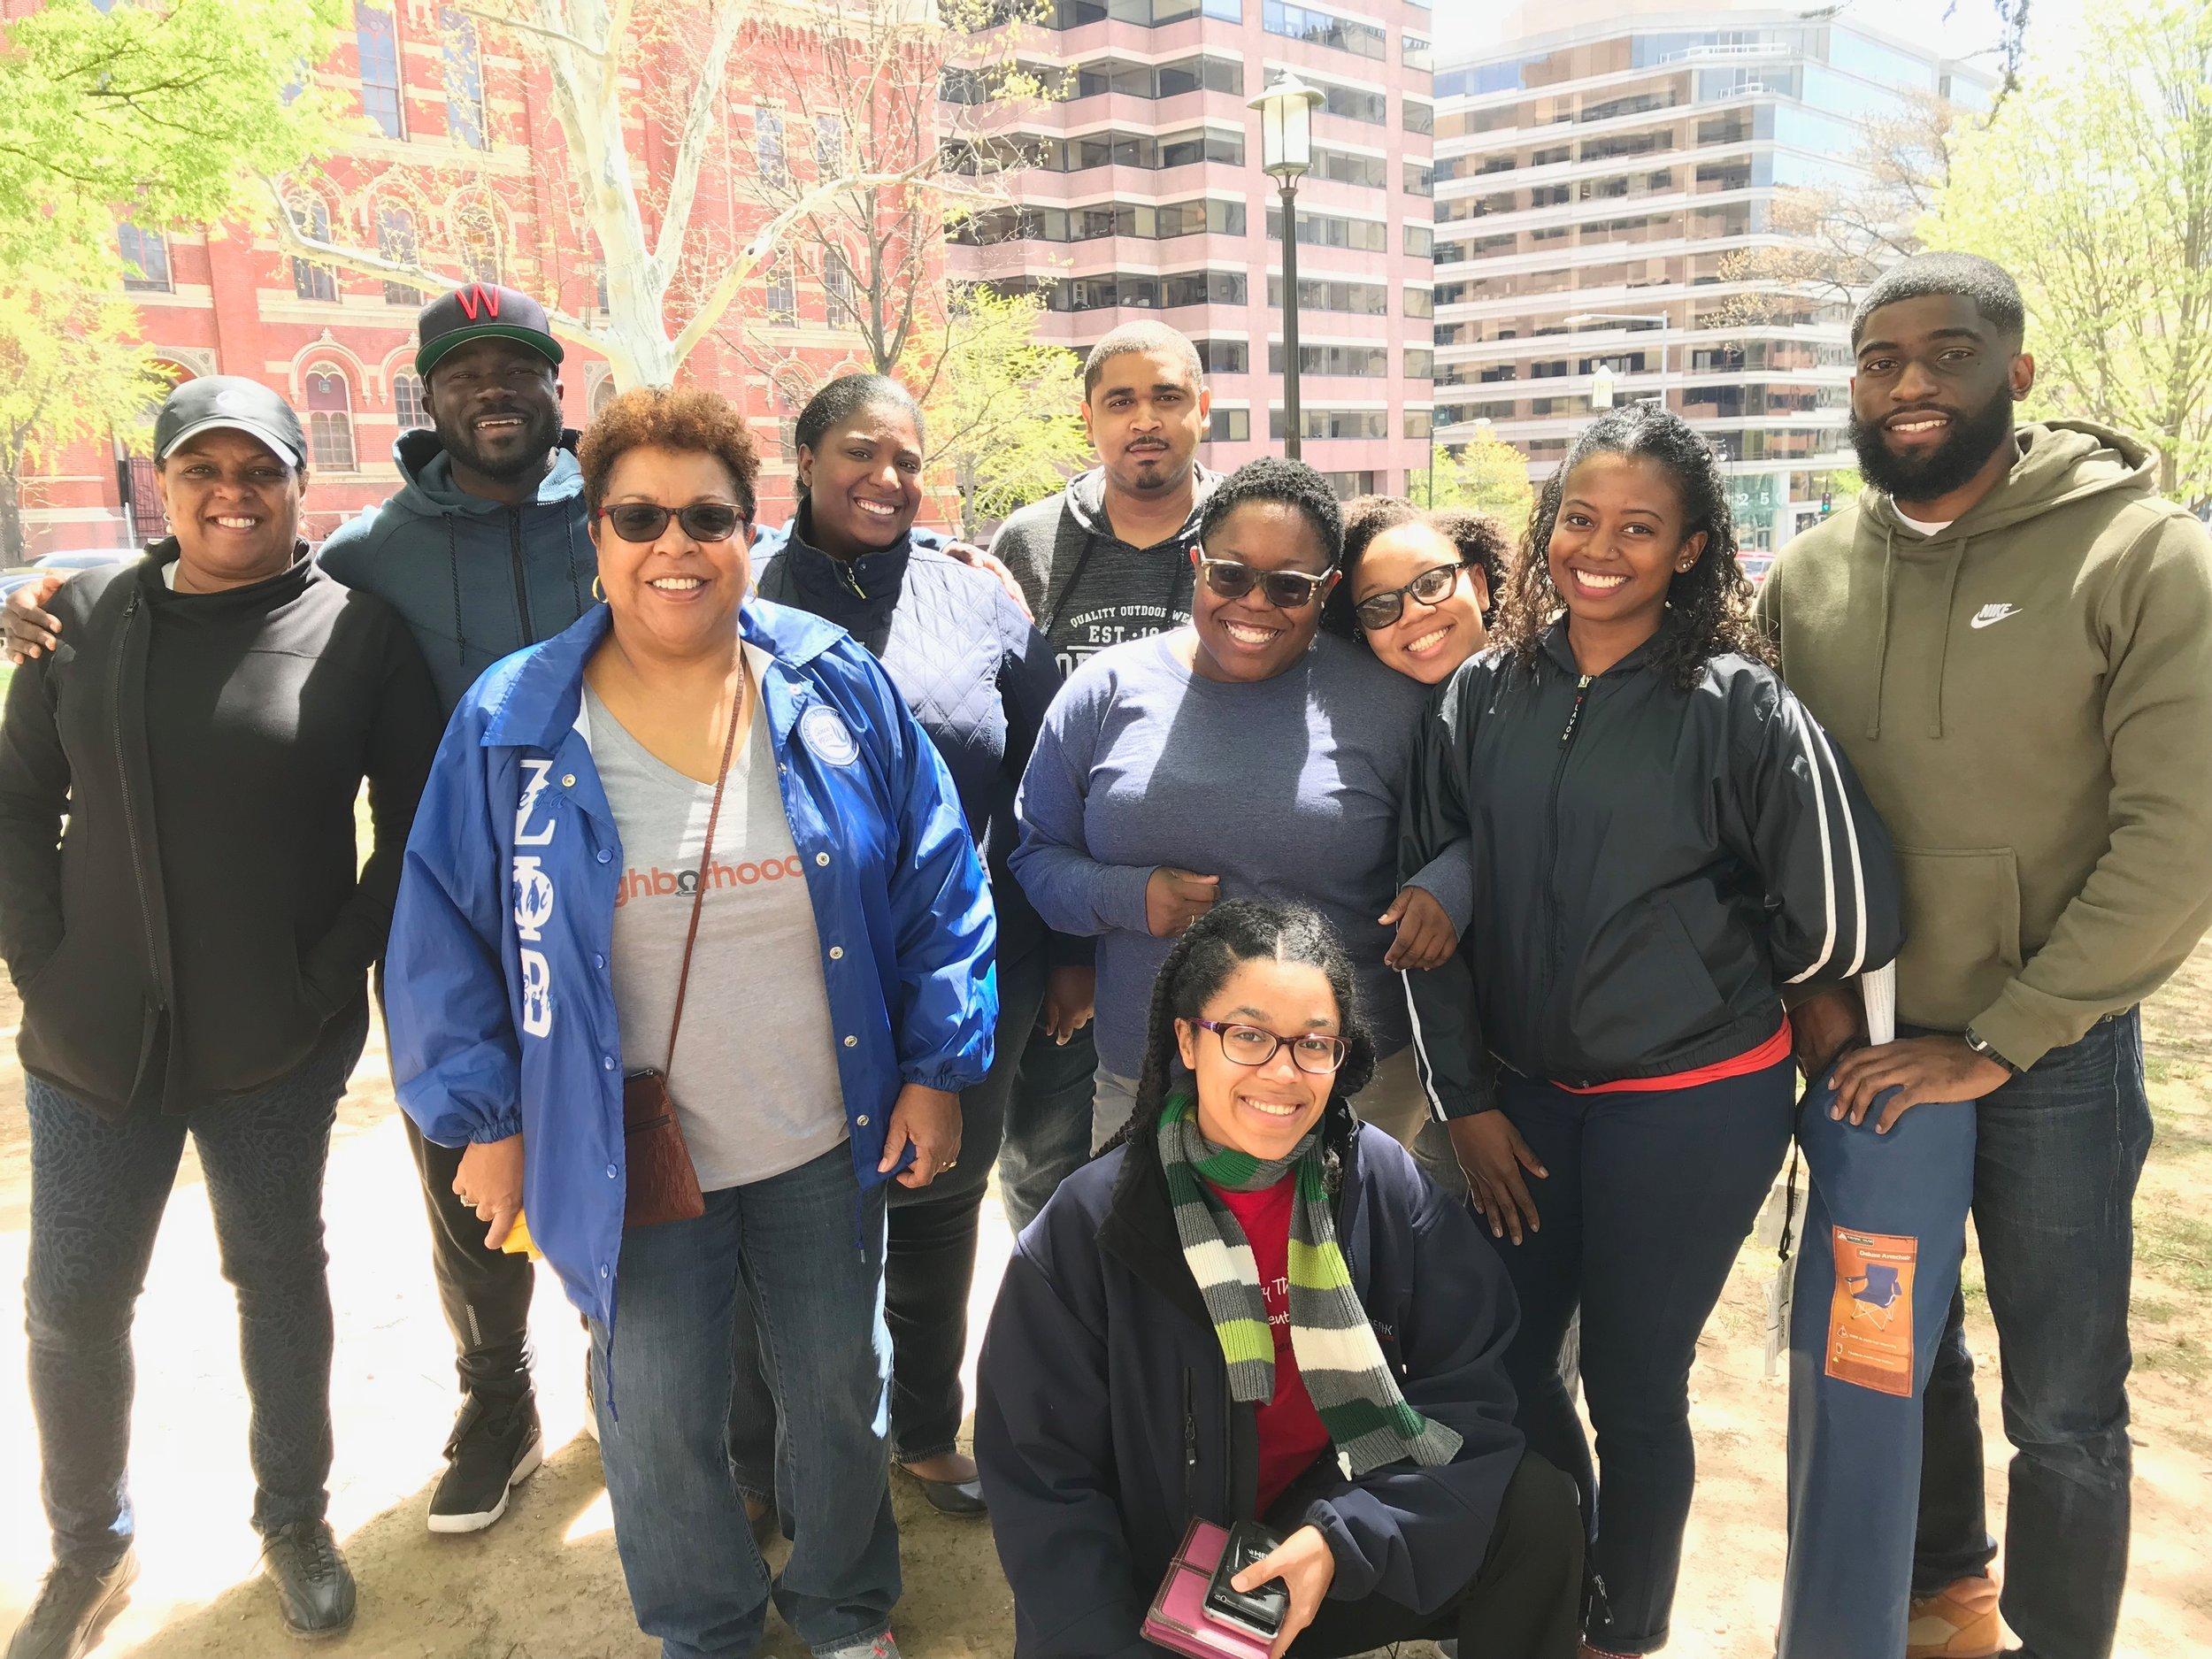 Love our volunteers!